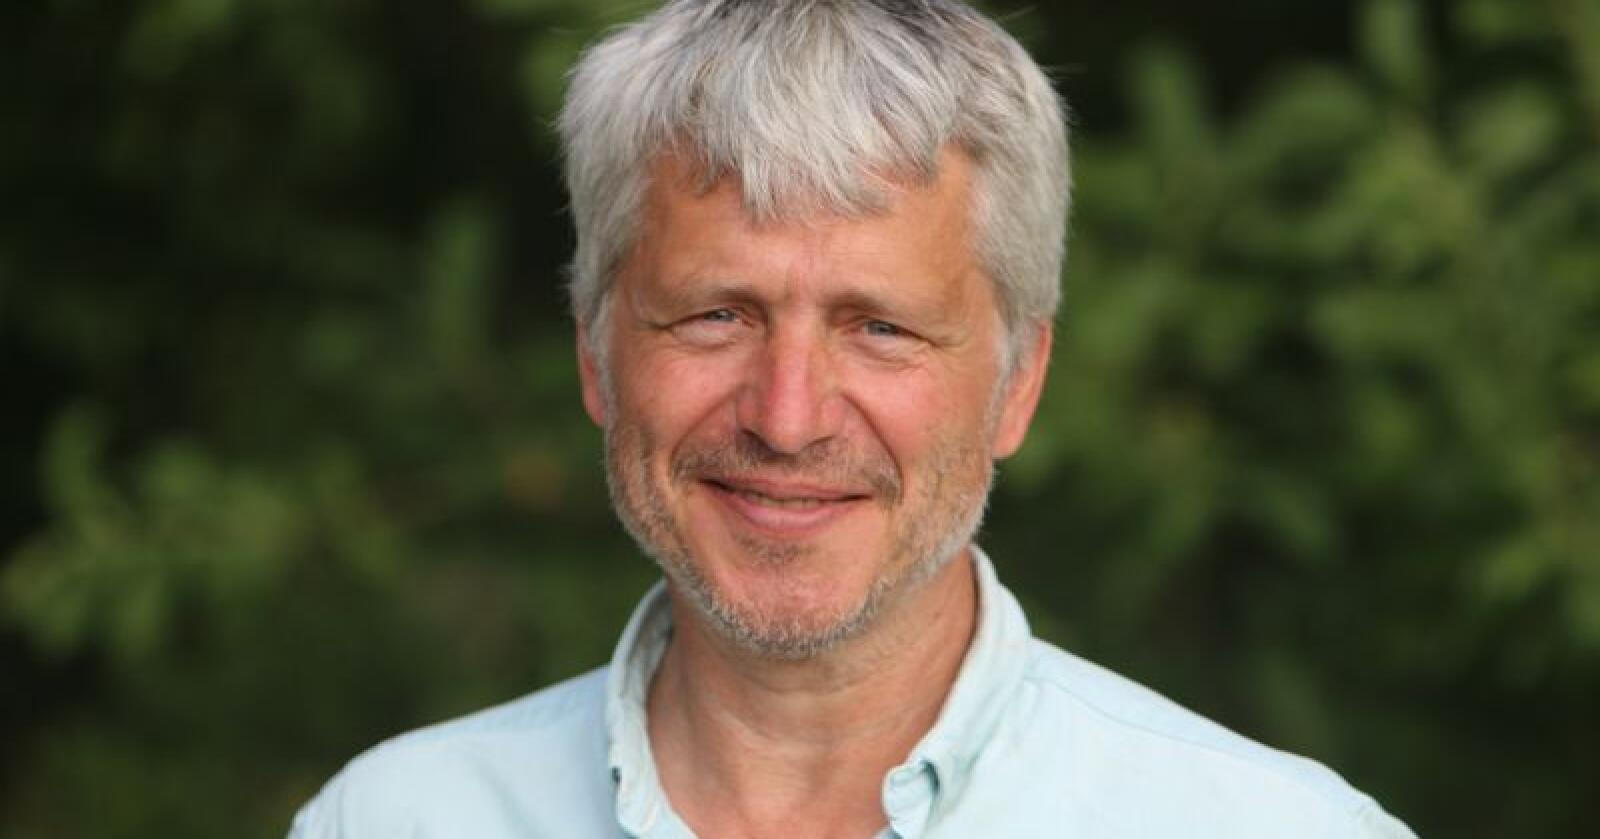 Finnes: Det finnes økoplommer i massevis, påpeker Økologisk Norge-leder Børre Solberg. (Foto: Dorthe Bechmann)